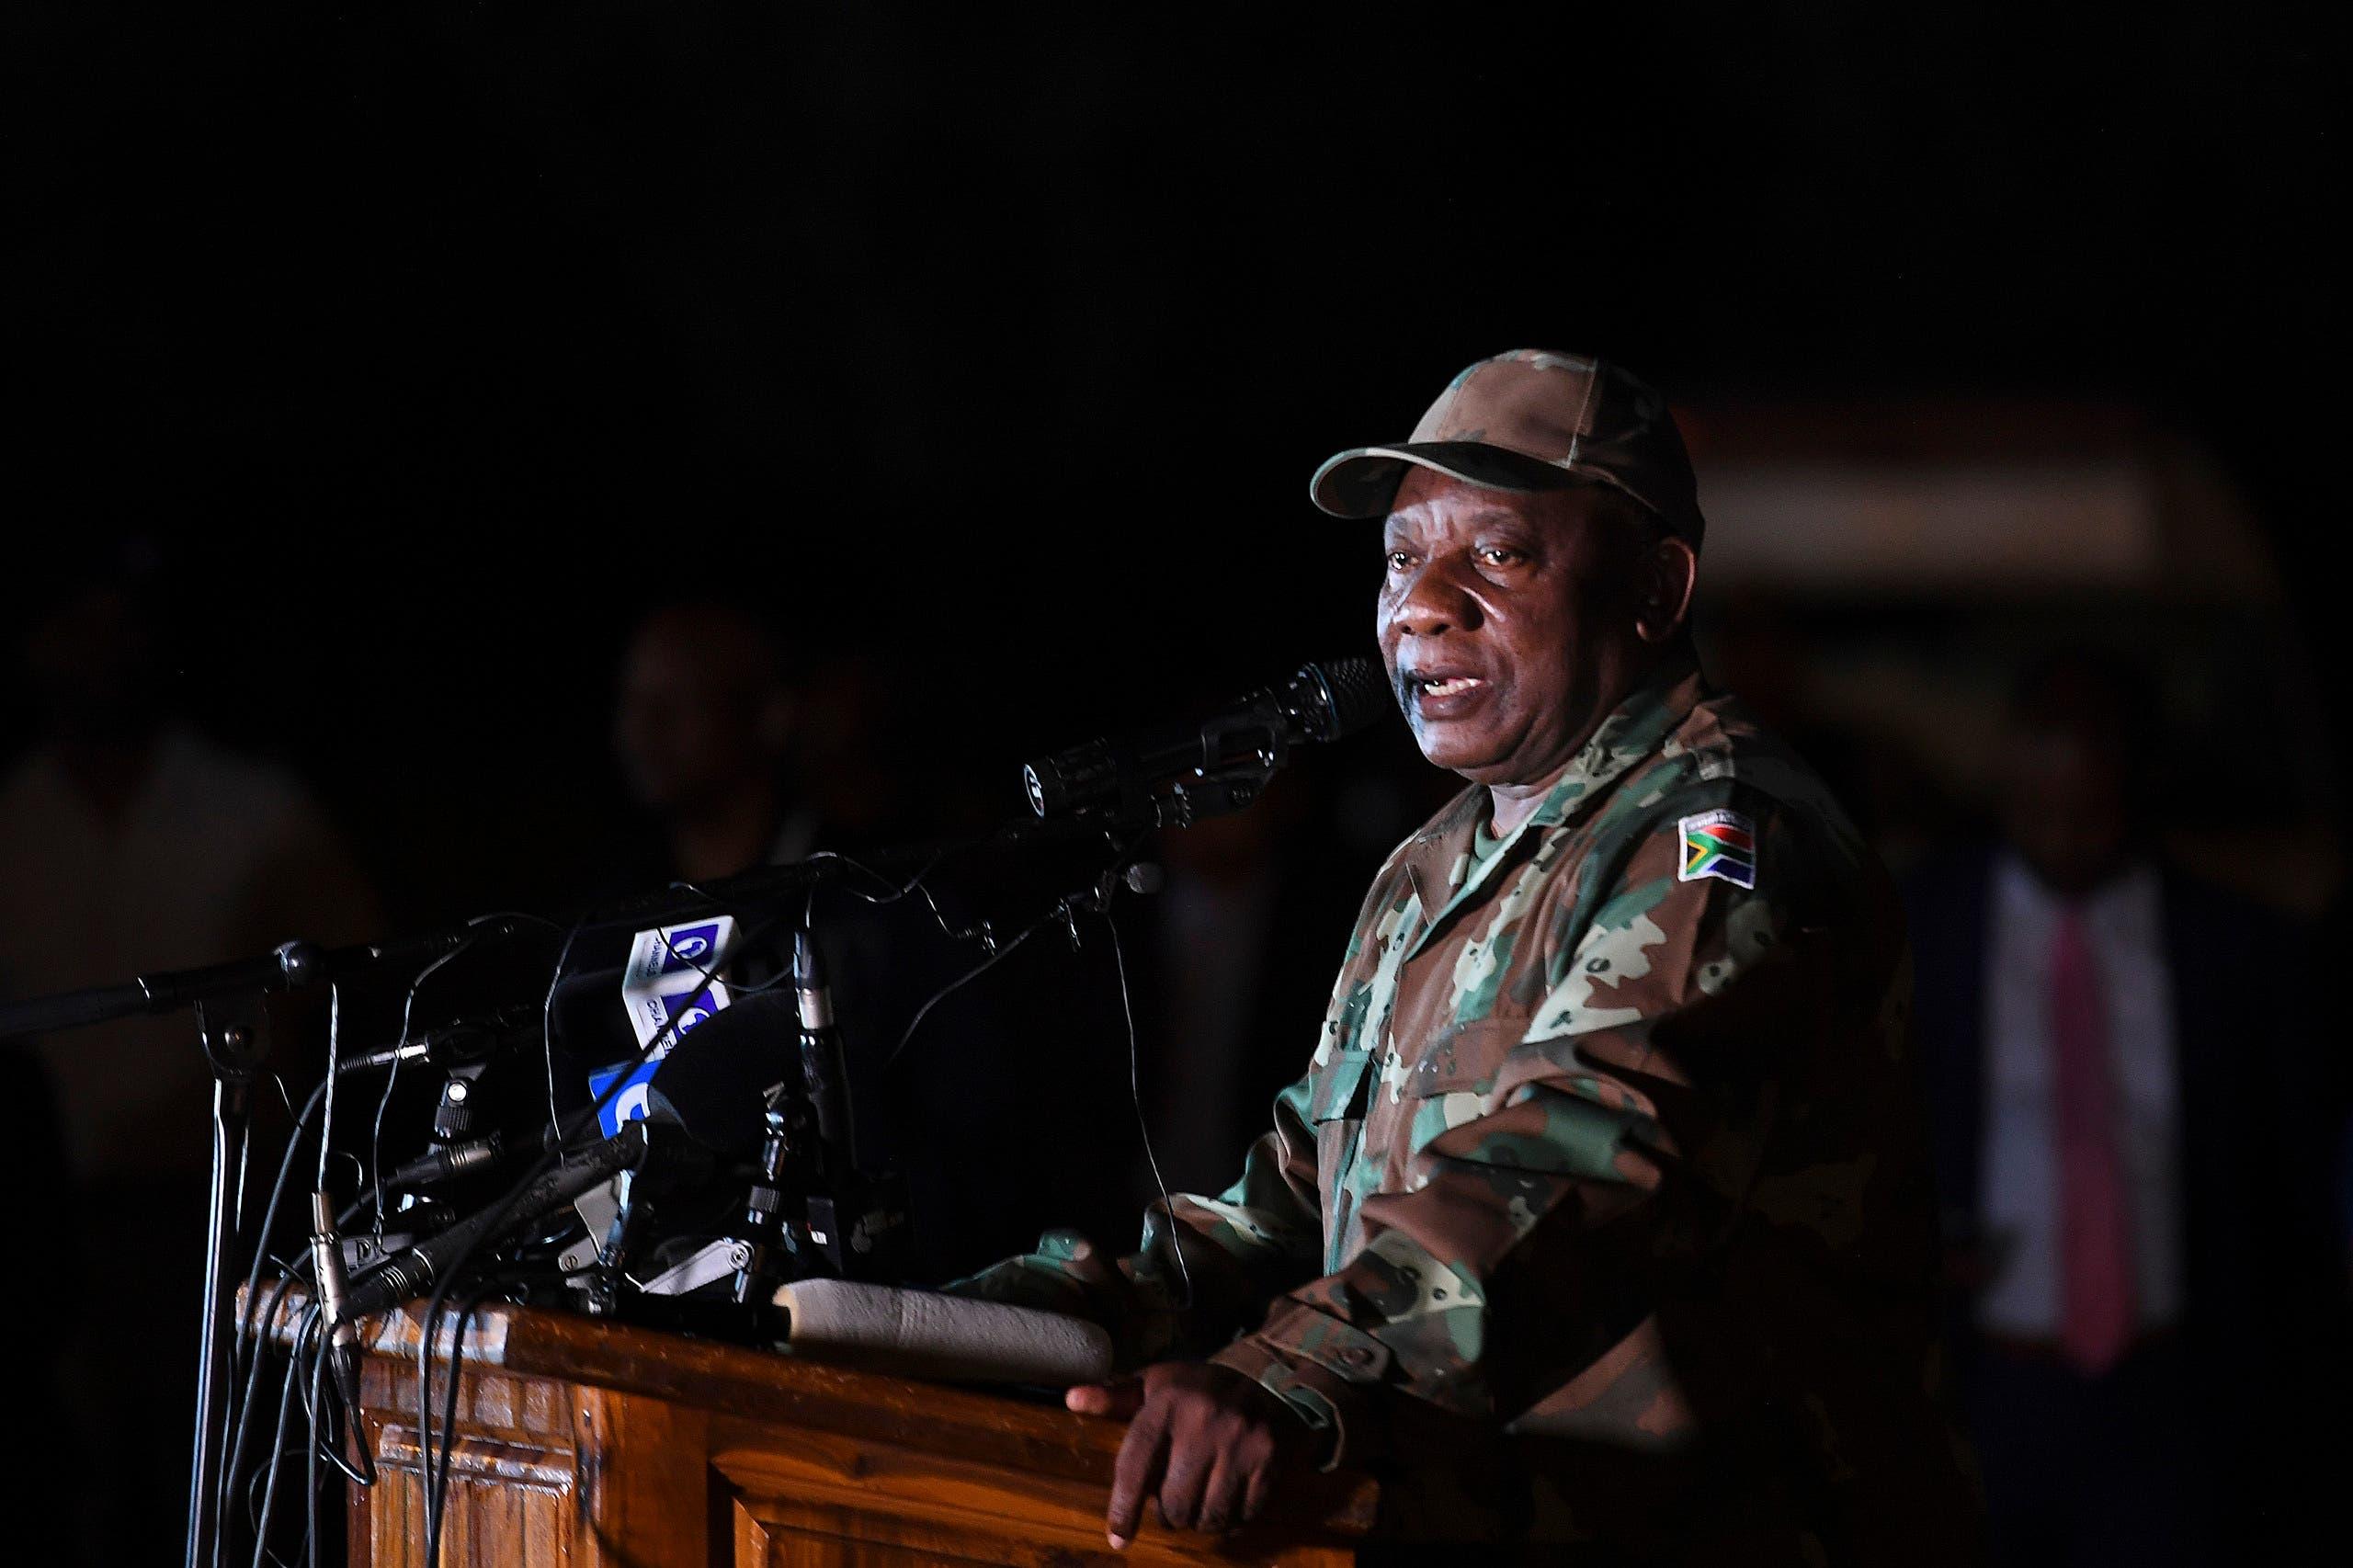 رئيس جمهورية جنوب افريقيا سيريل رامافوزا 